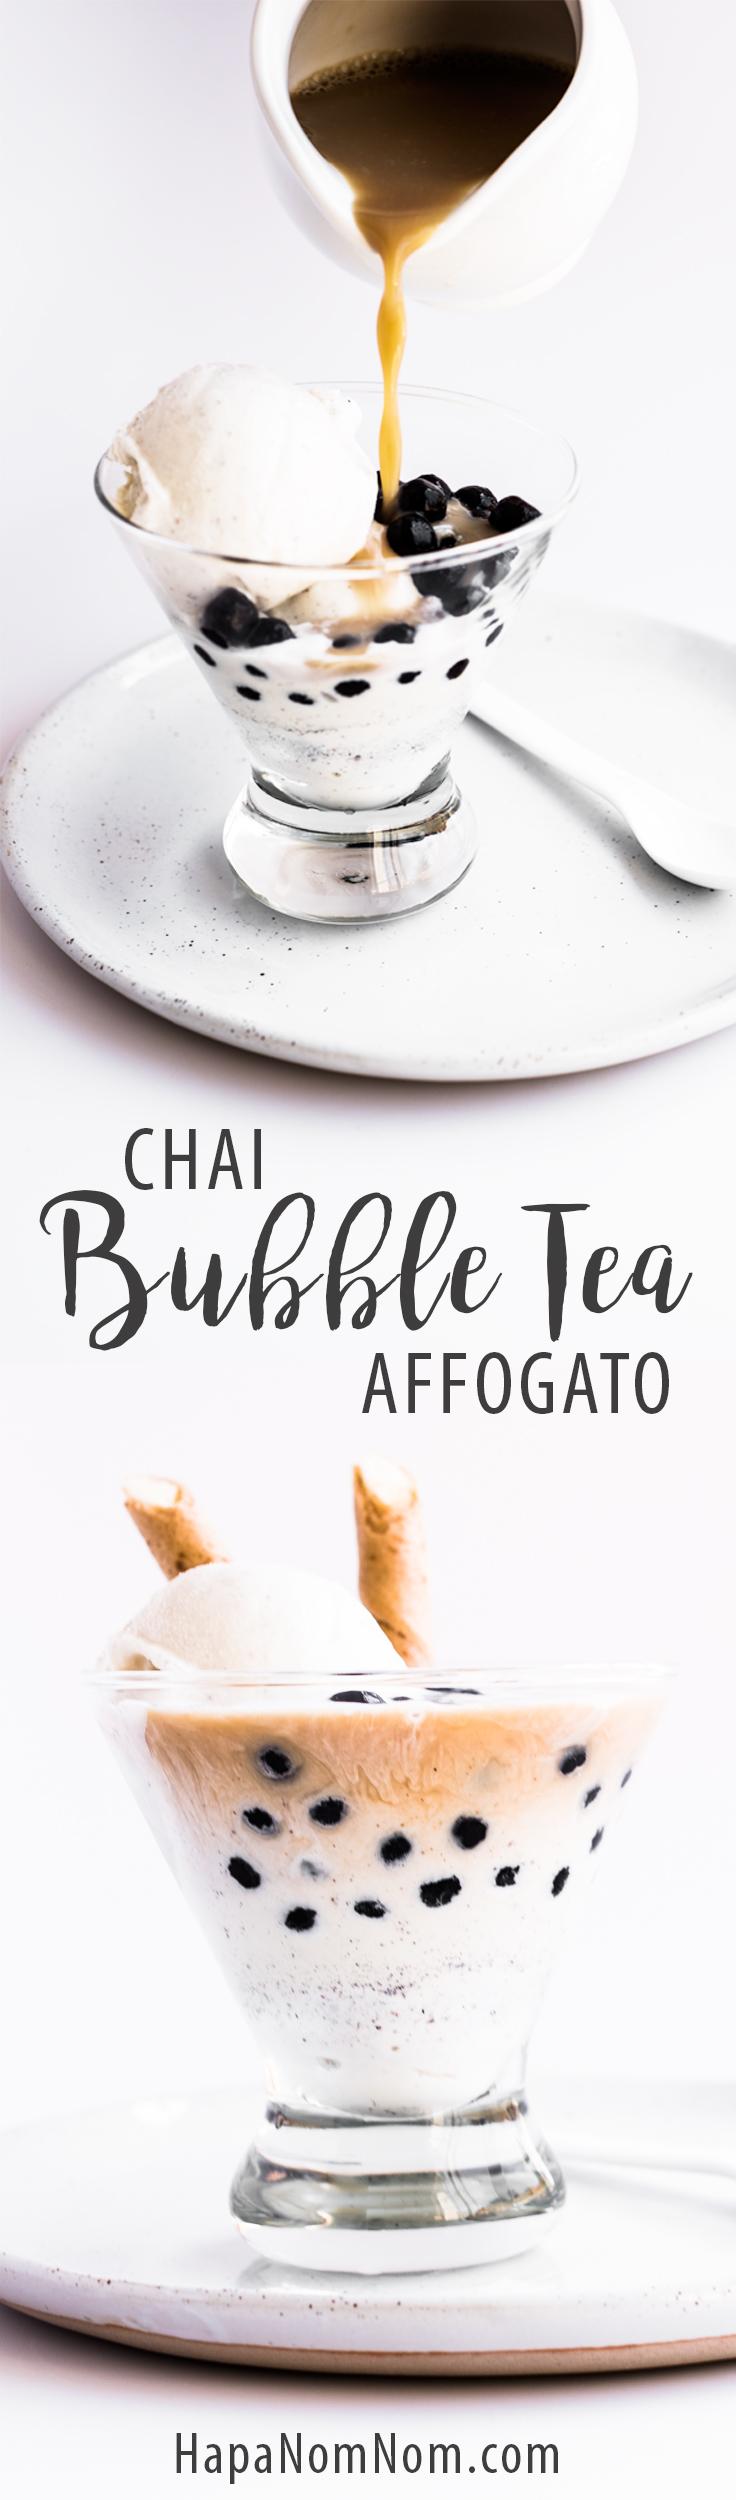 Quick, easy Chai Bubble Tea Affogato - the perfect treat!